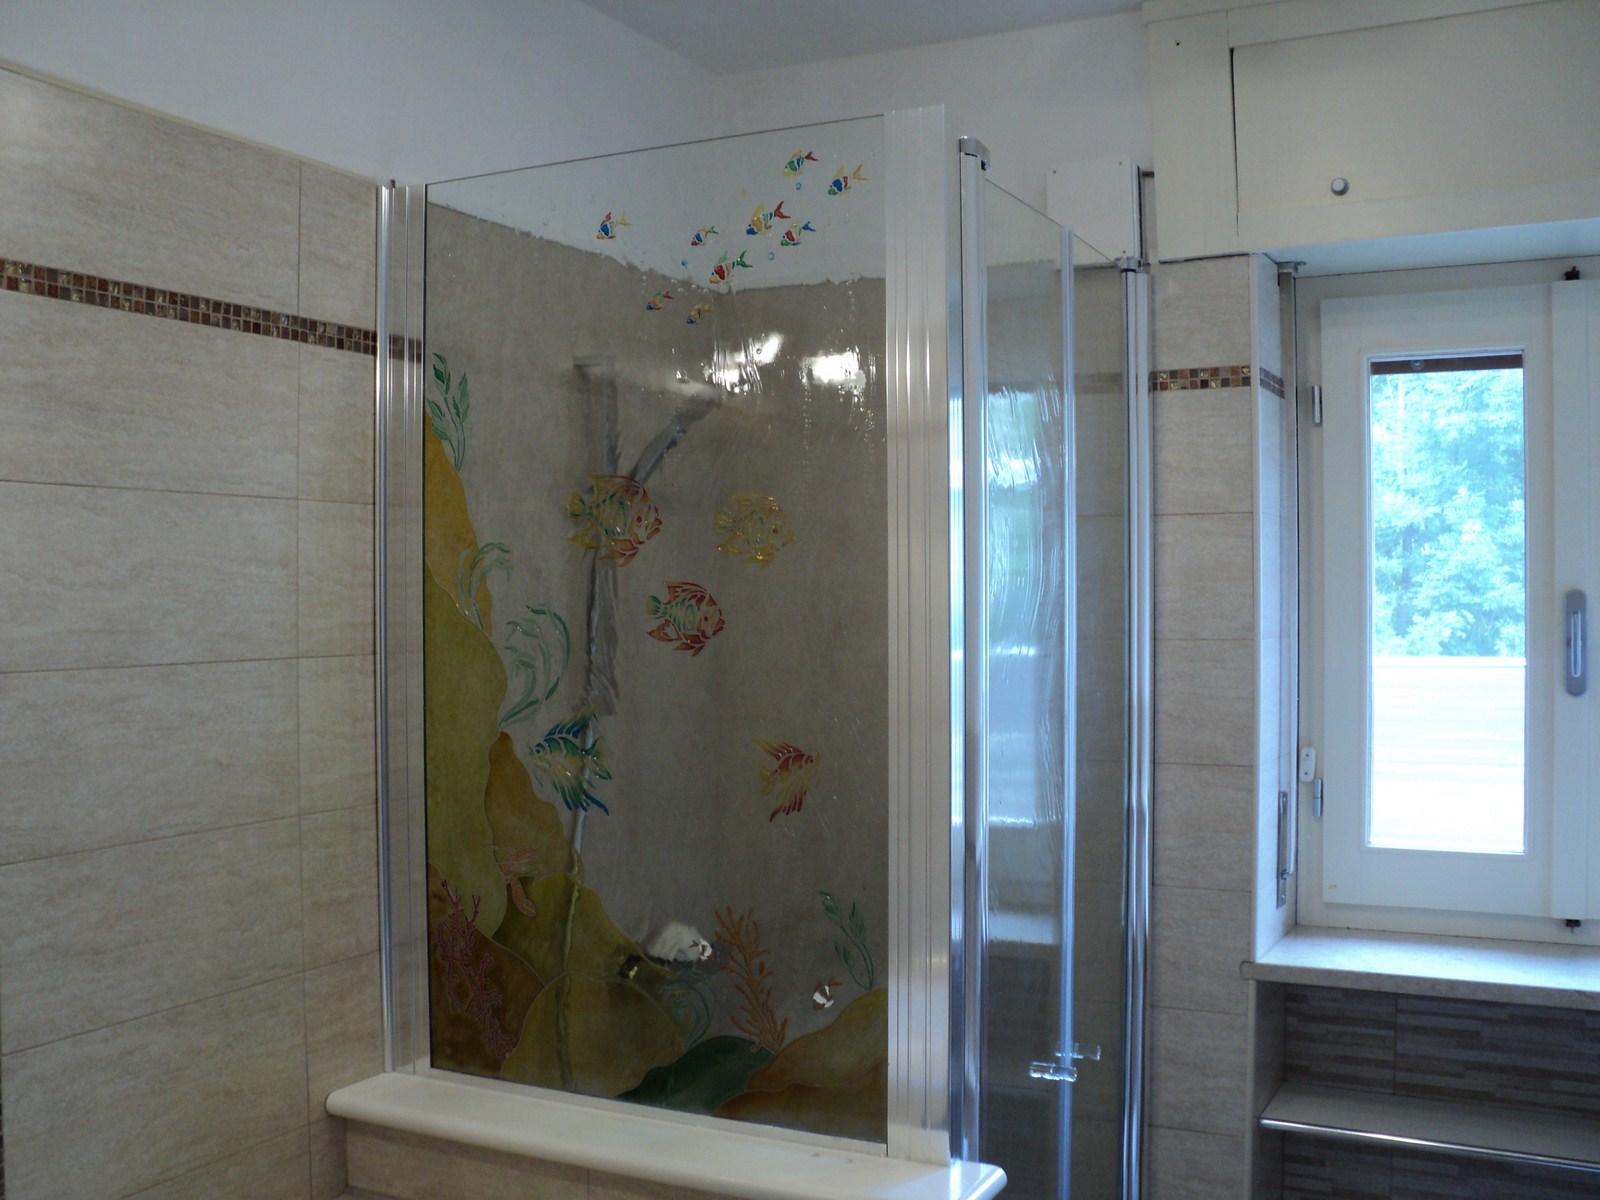 Vetreria f e l c e a vetrate specchi e cristalli novara vercelli modelli a due ante con - Siliconare box doccia interno o esterno ...